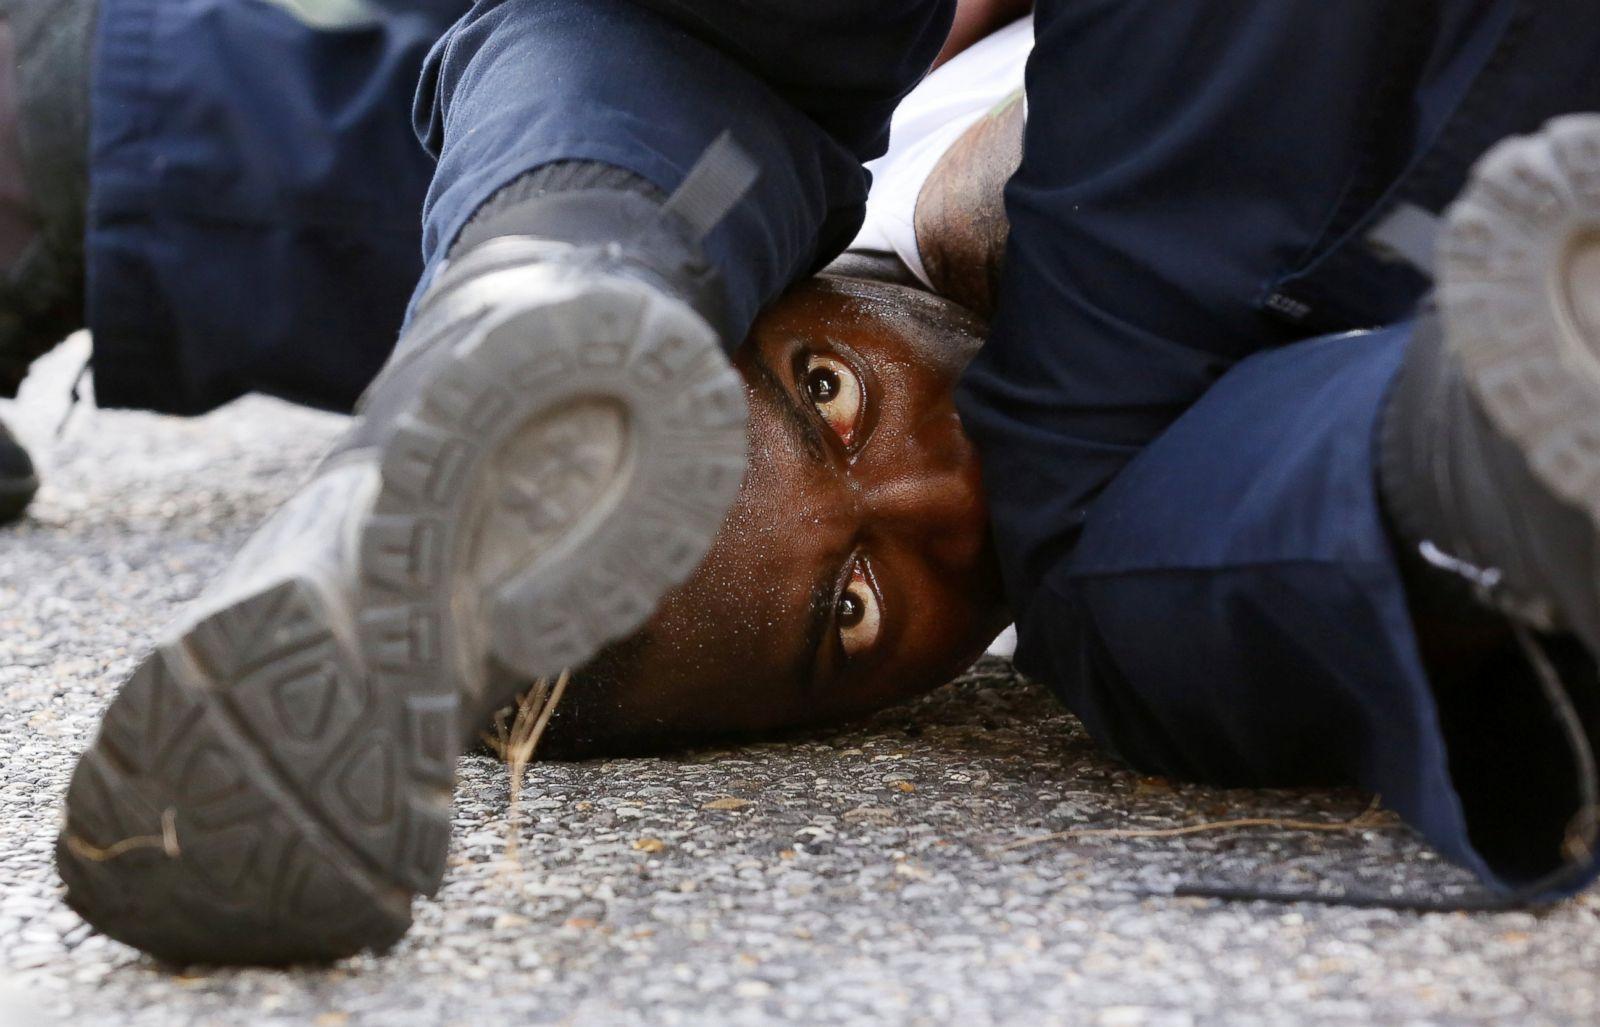 Las imágenes más impactantes del movimiento Black Lives Matter en su historia